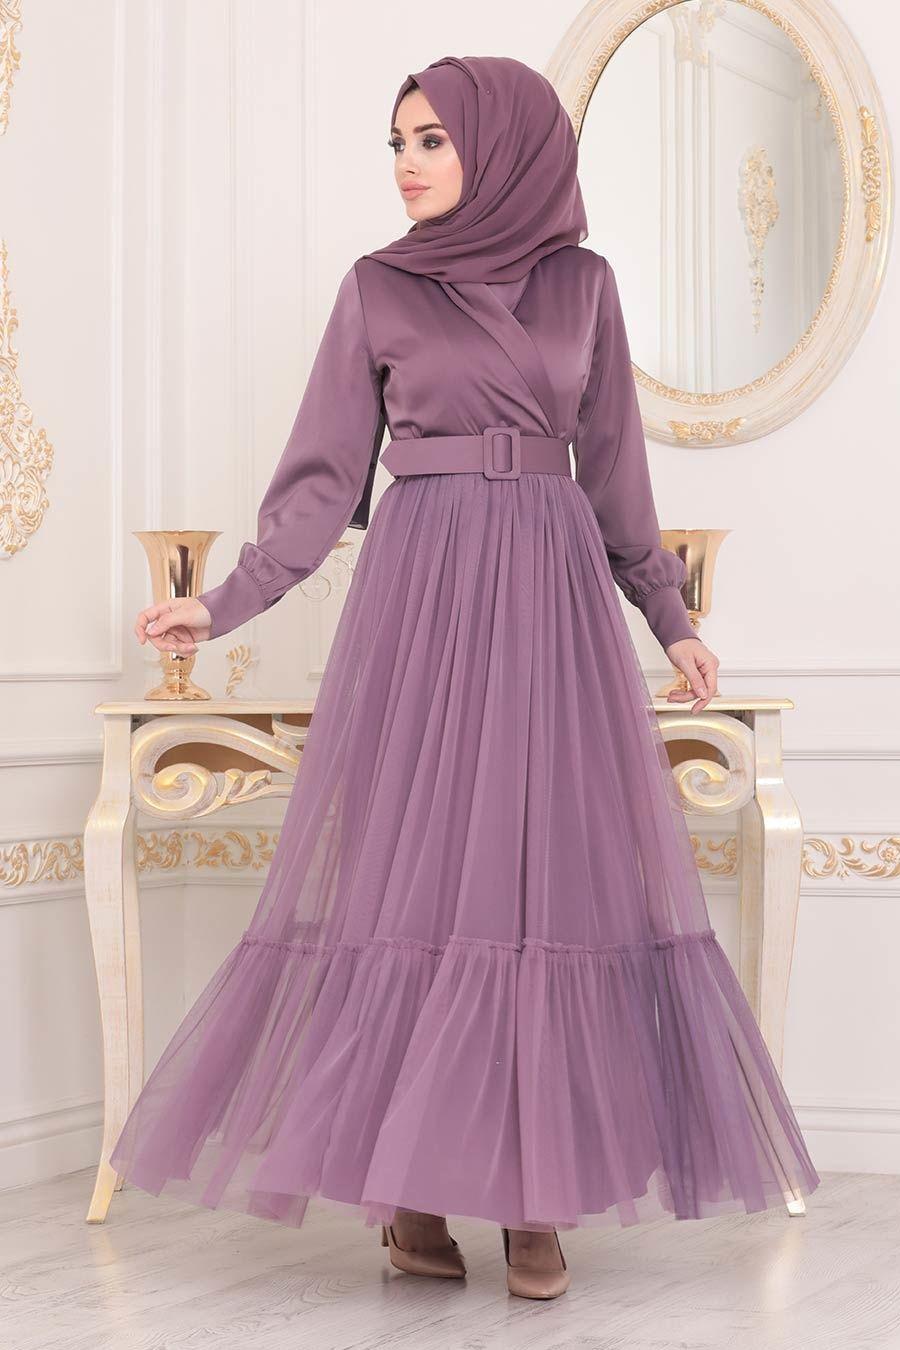 Tesetturlu Abiye Elbise Kemerli Lila Tesettur Abiye Elbise 22171lila Tesetturisland Com 2020 Elbise Elbiseler Moda Stilleri